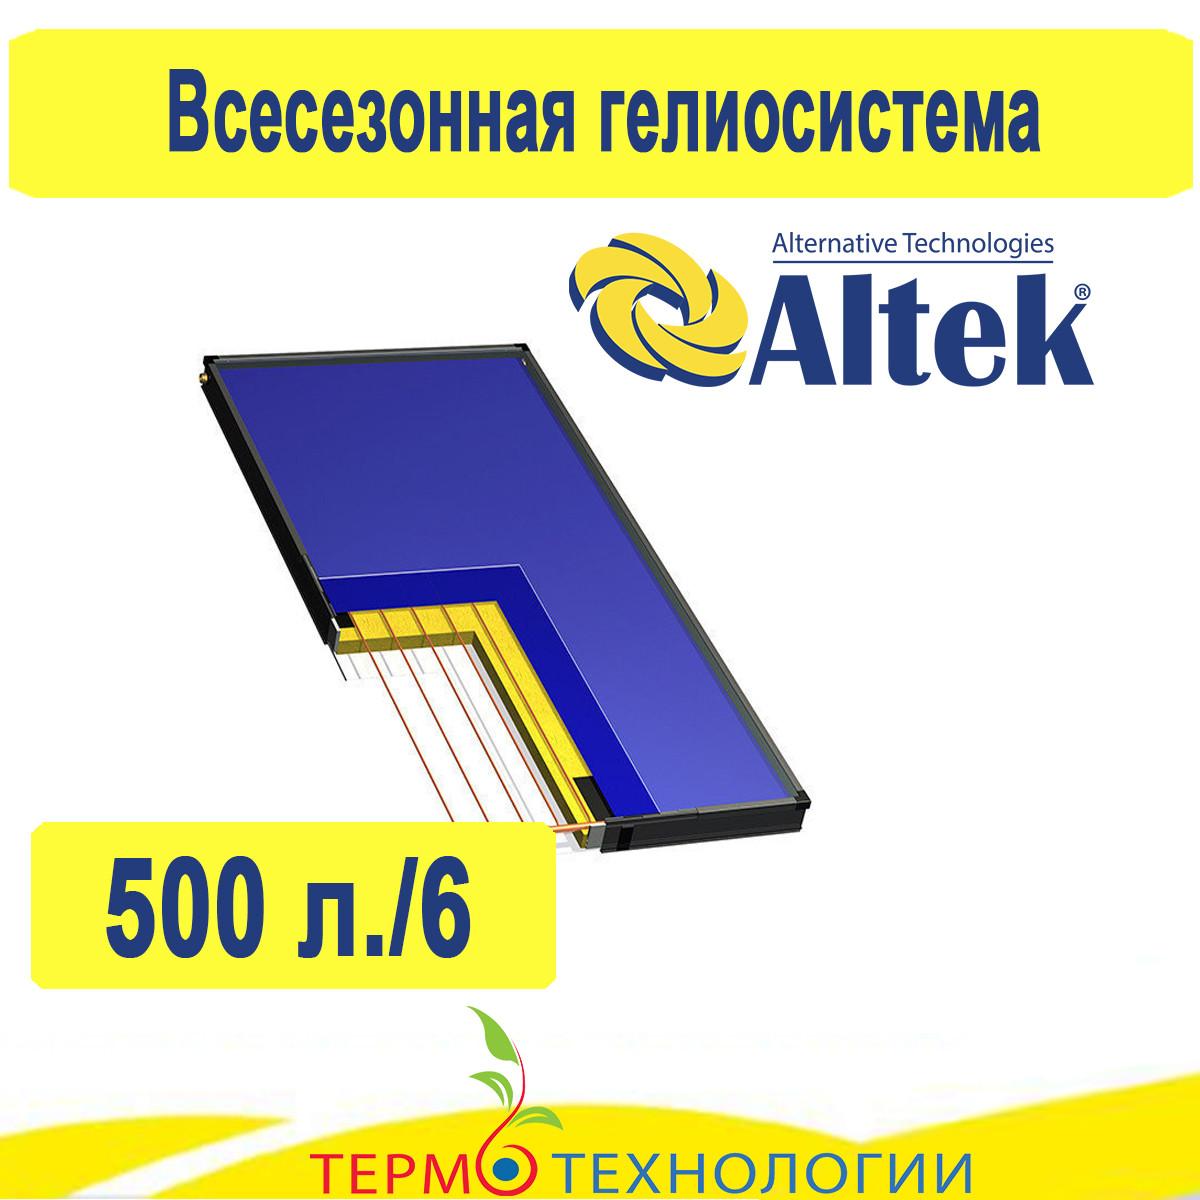 Комплект всесезонной гелиоситемы Altek 500 литров/6 коллекторов